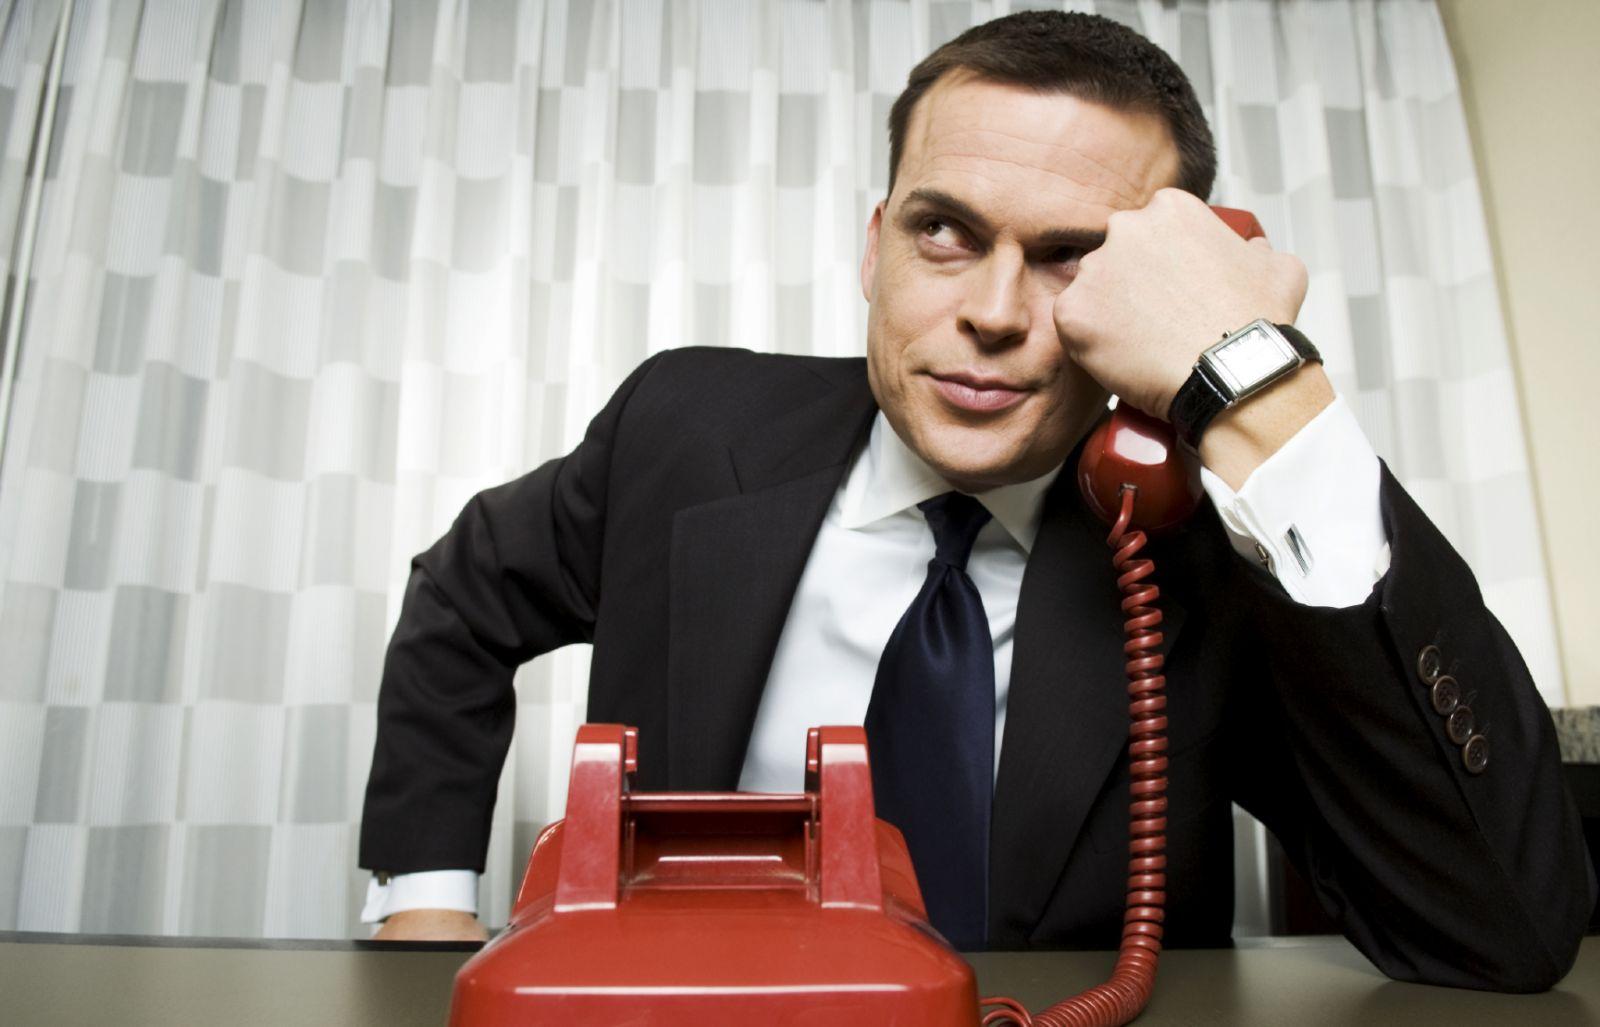 Коллекторы звонят по чужому долгу: что делать и куда жаловаться